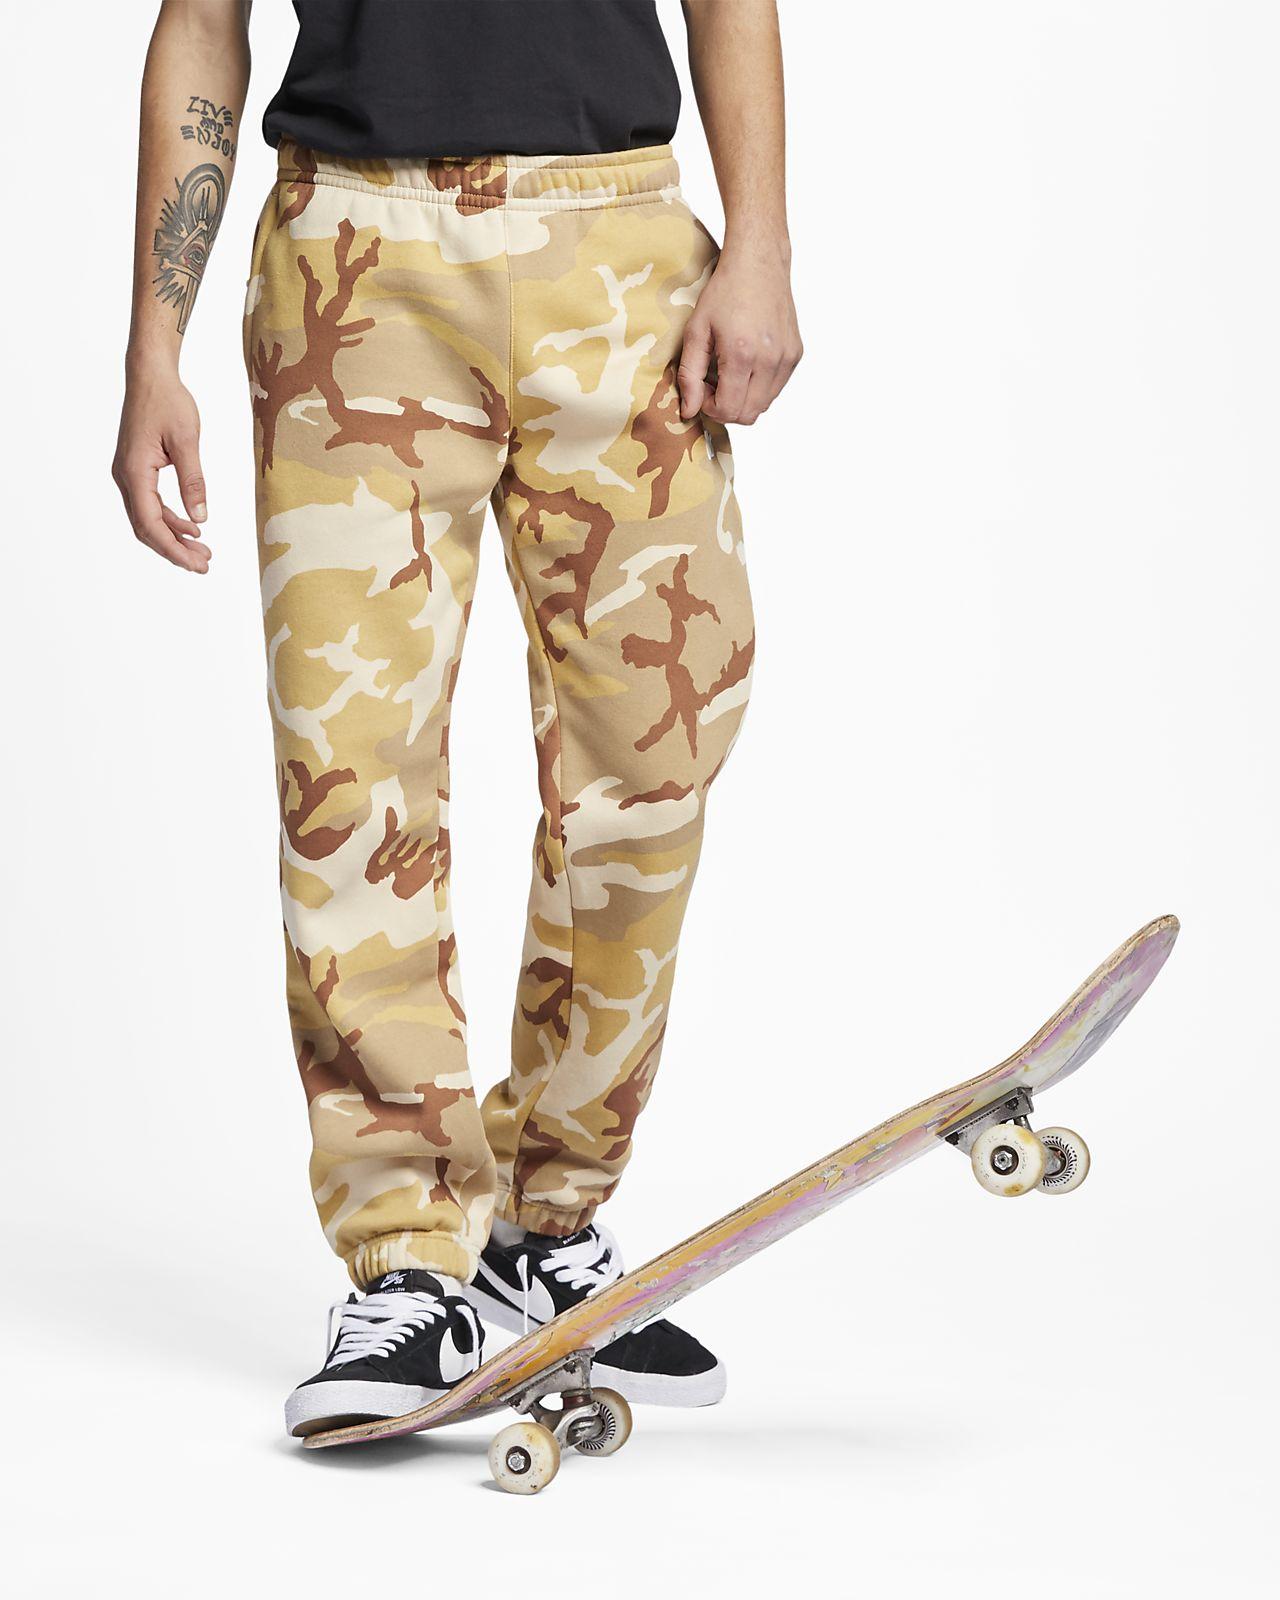 21954058b50c4 Pantalones de skate camuflados para hombre Nike SB Icon. Nike.com MX